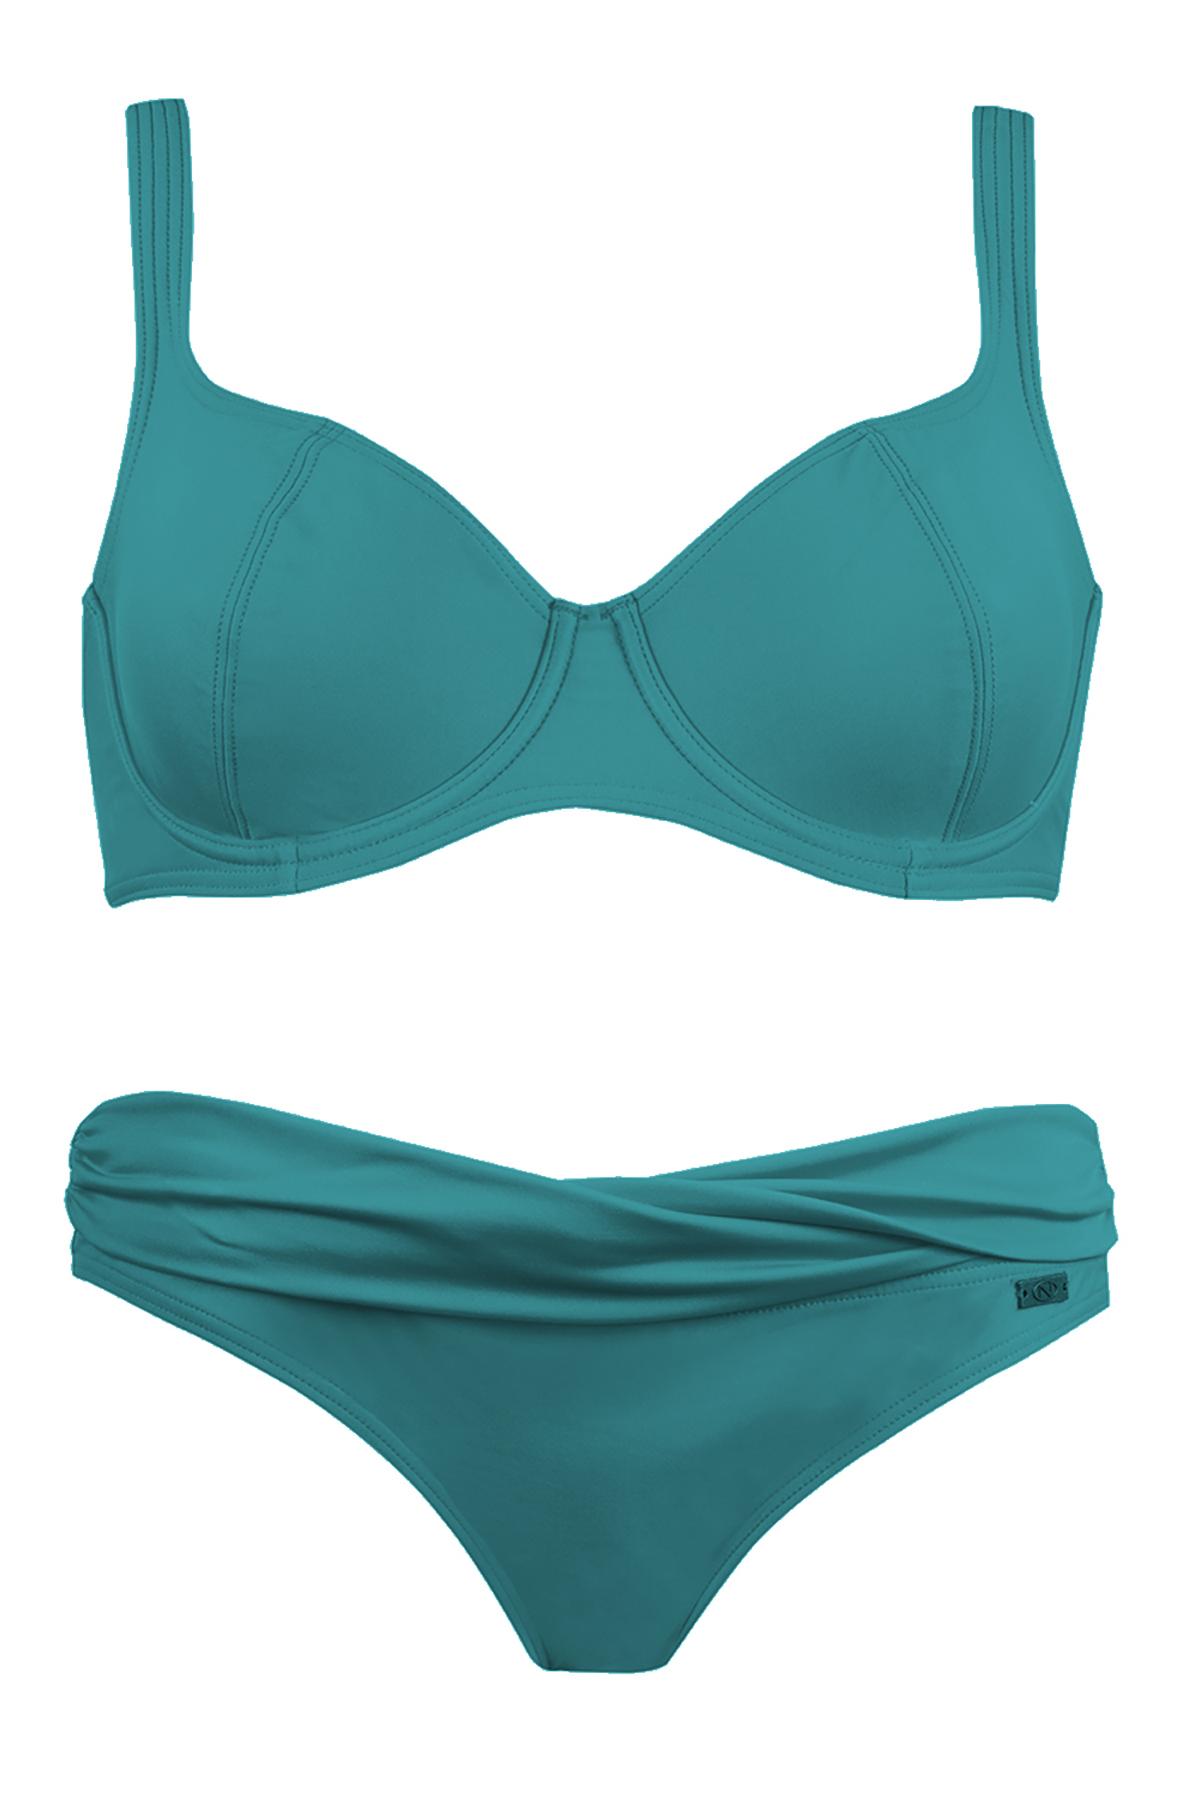 NATURANA Bügel Bikini 72289 Gr. 36-46 Cup B-E